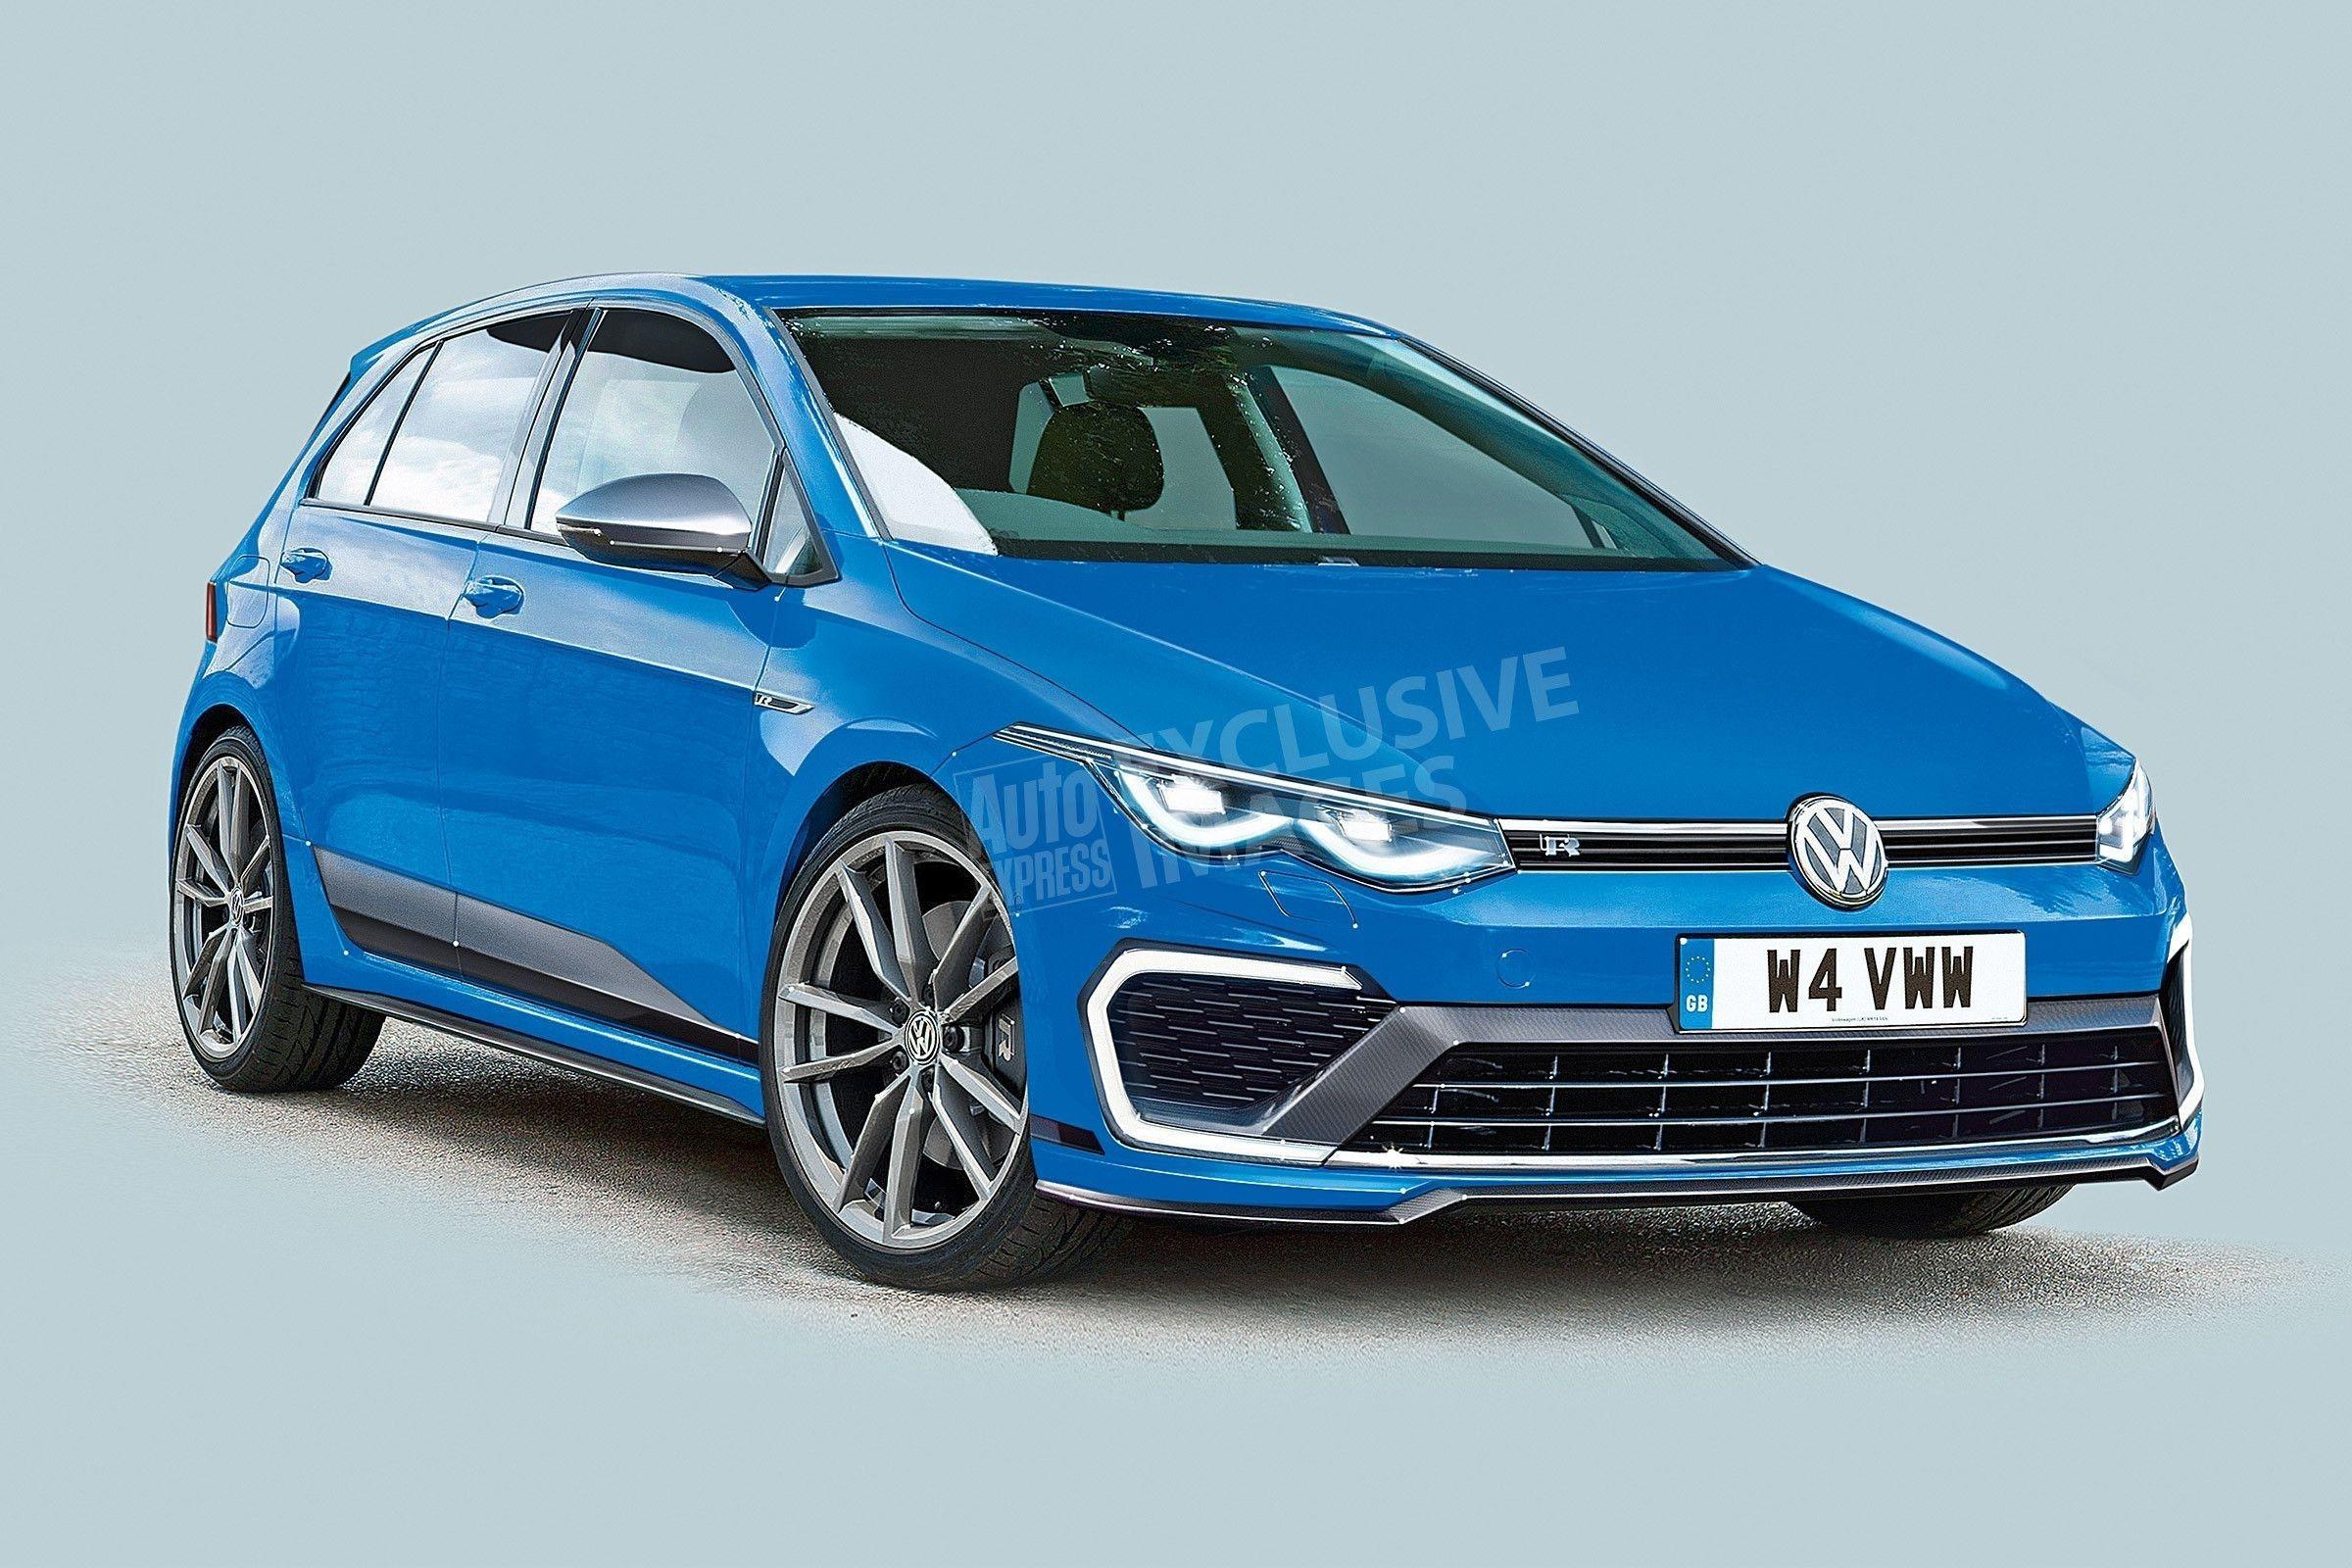 2020 Volkswagen Golf Gtd Volkswagen Golf R Volkswagen Volkswagen Gti